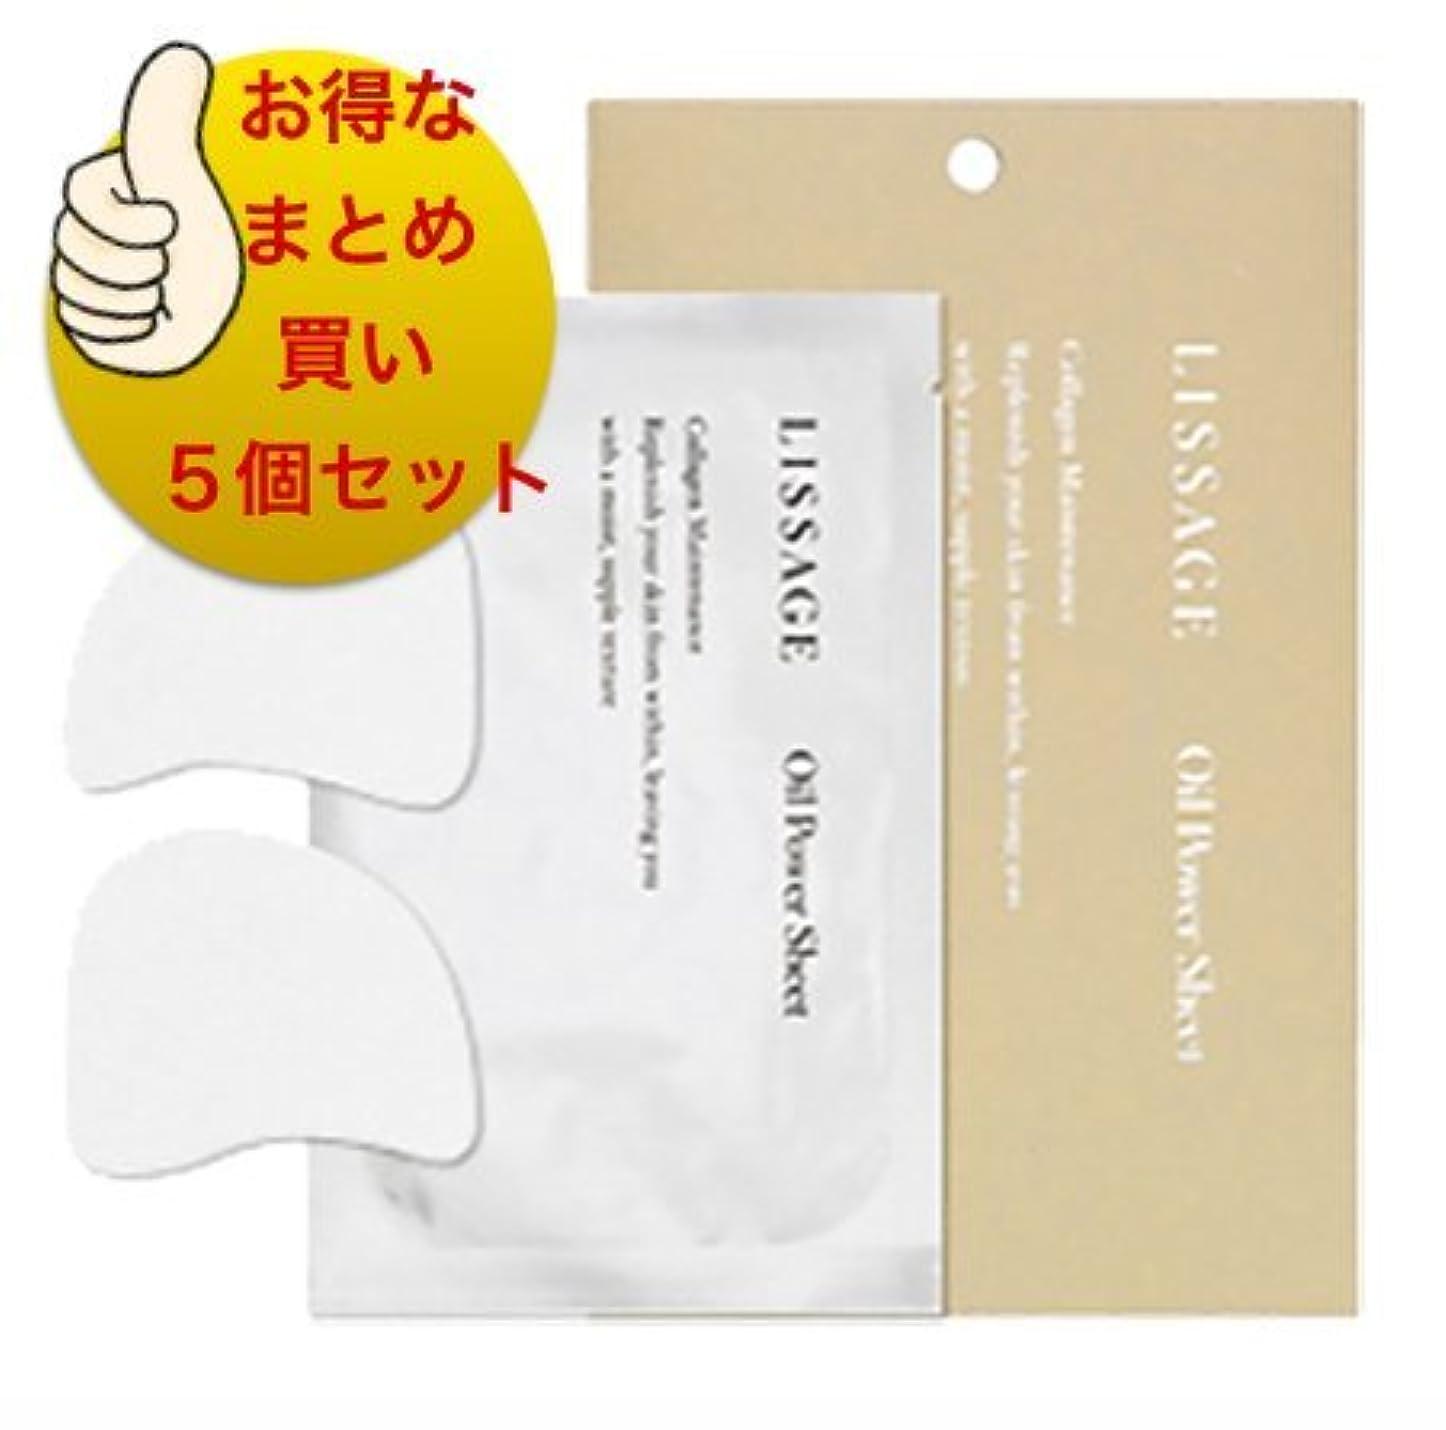 鉄ピッチャー干ばつ【リサージ】LISSAGE (リサージ) オイルパワーシート (3セット (6枚)) .の5個まとめ買いセット